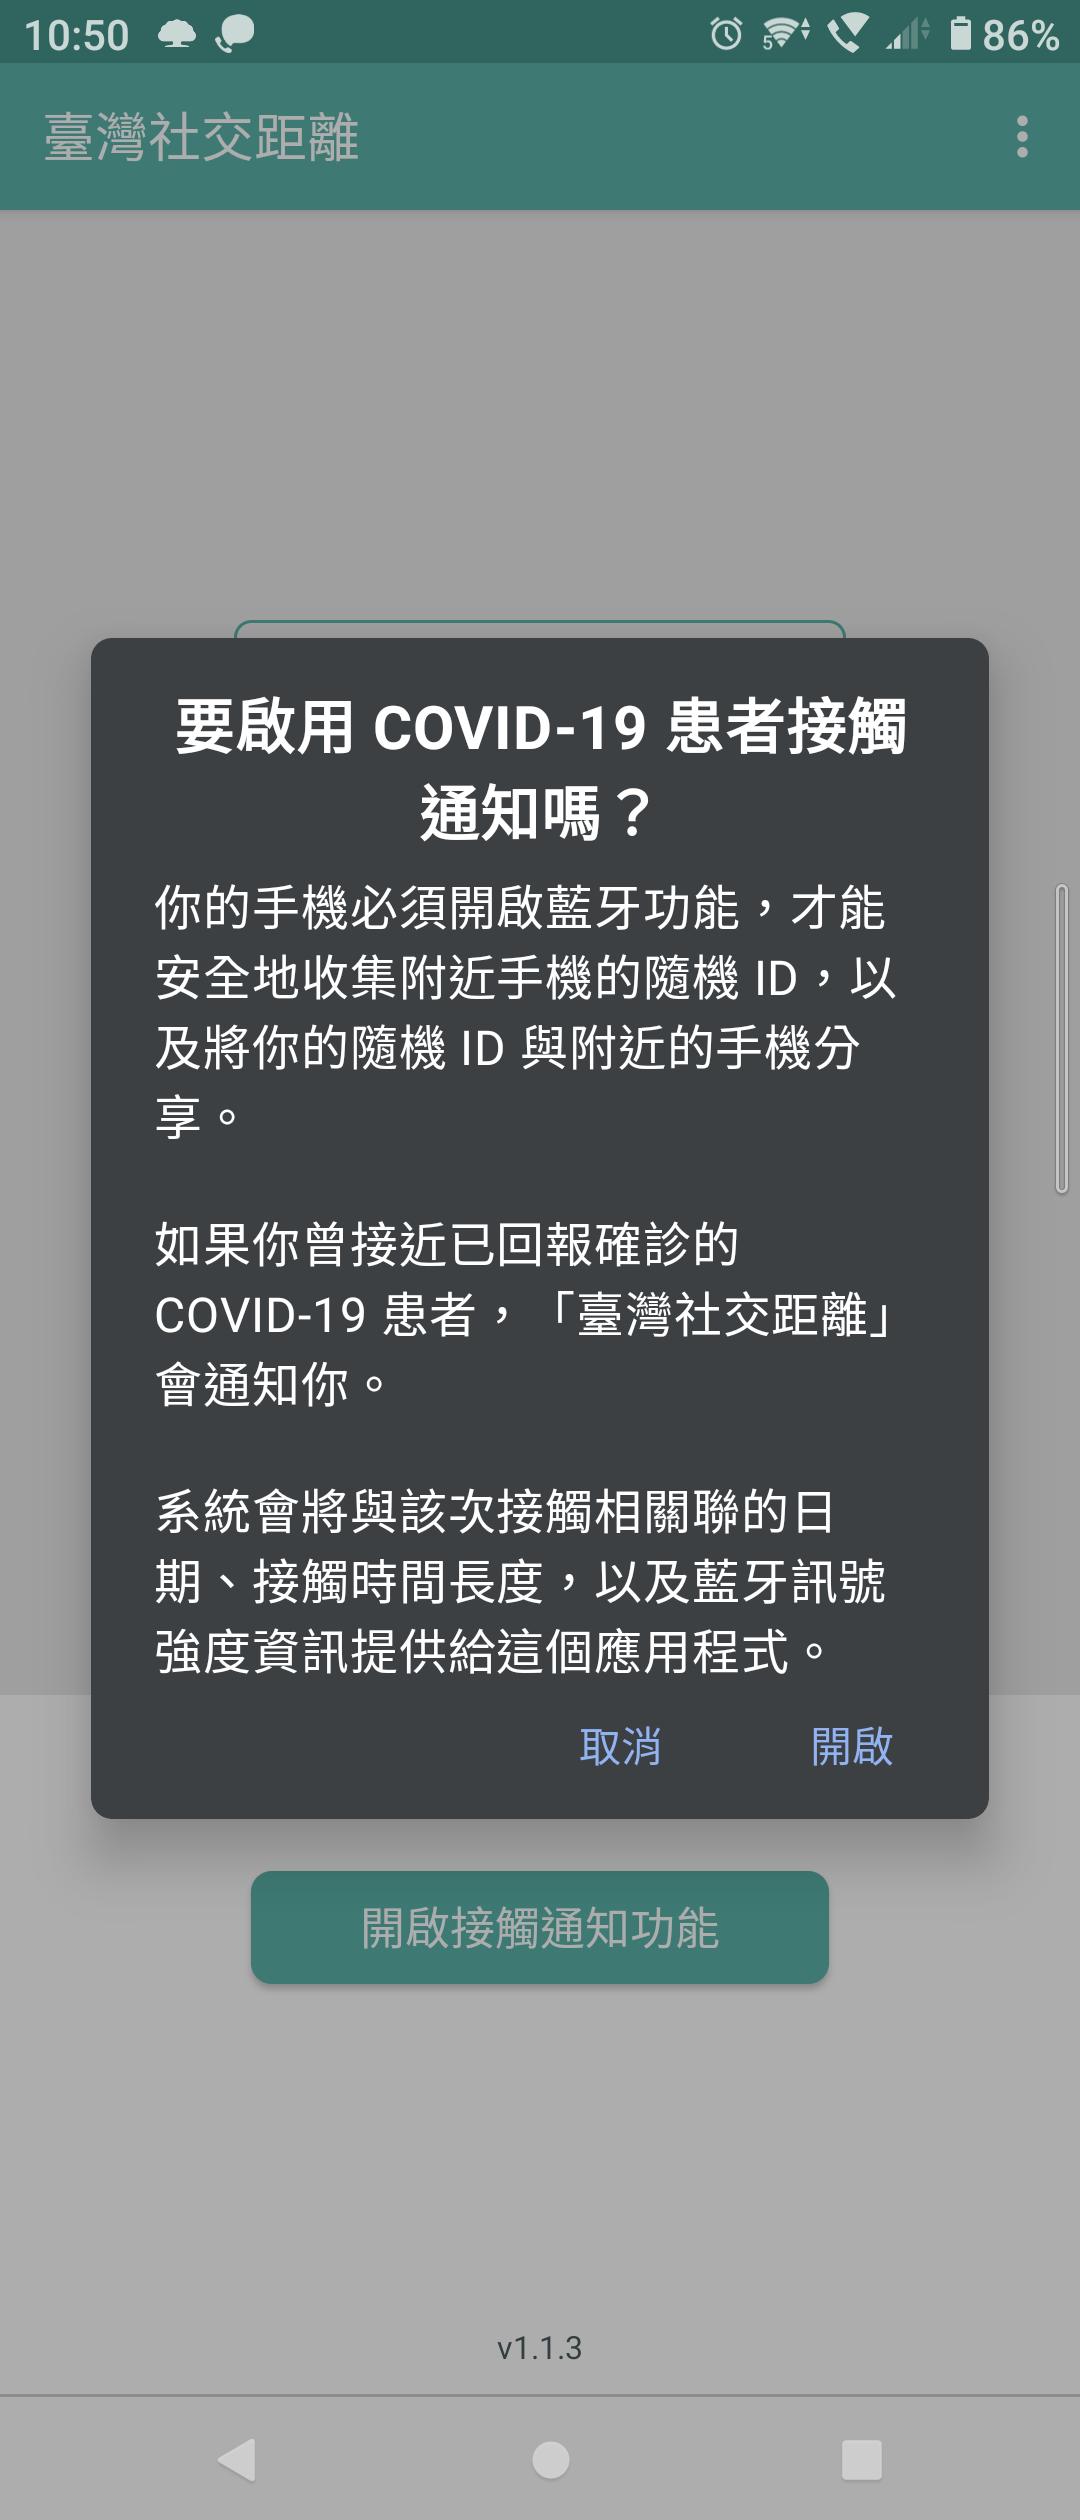 啟用科技防疫!台灣社交距離 APP 快速上手  - 5